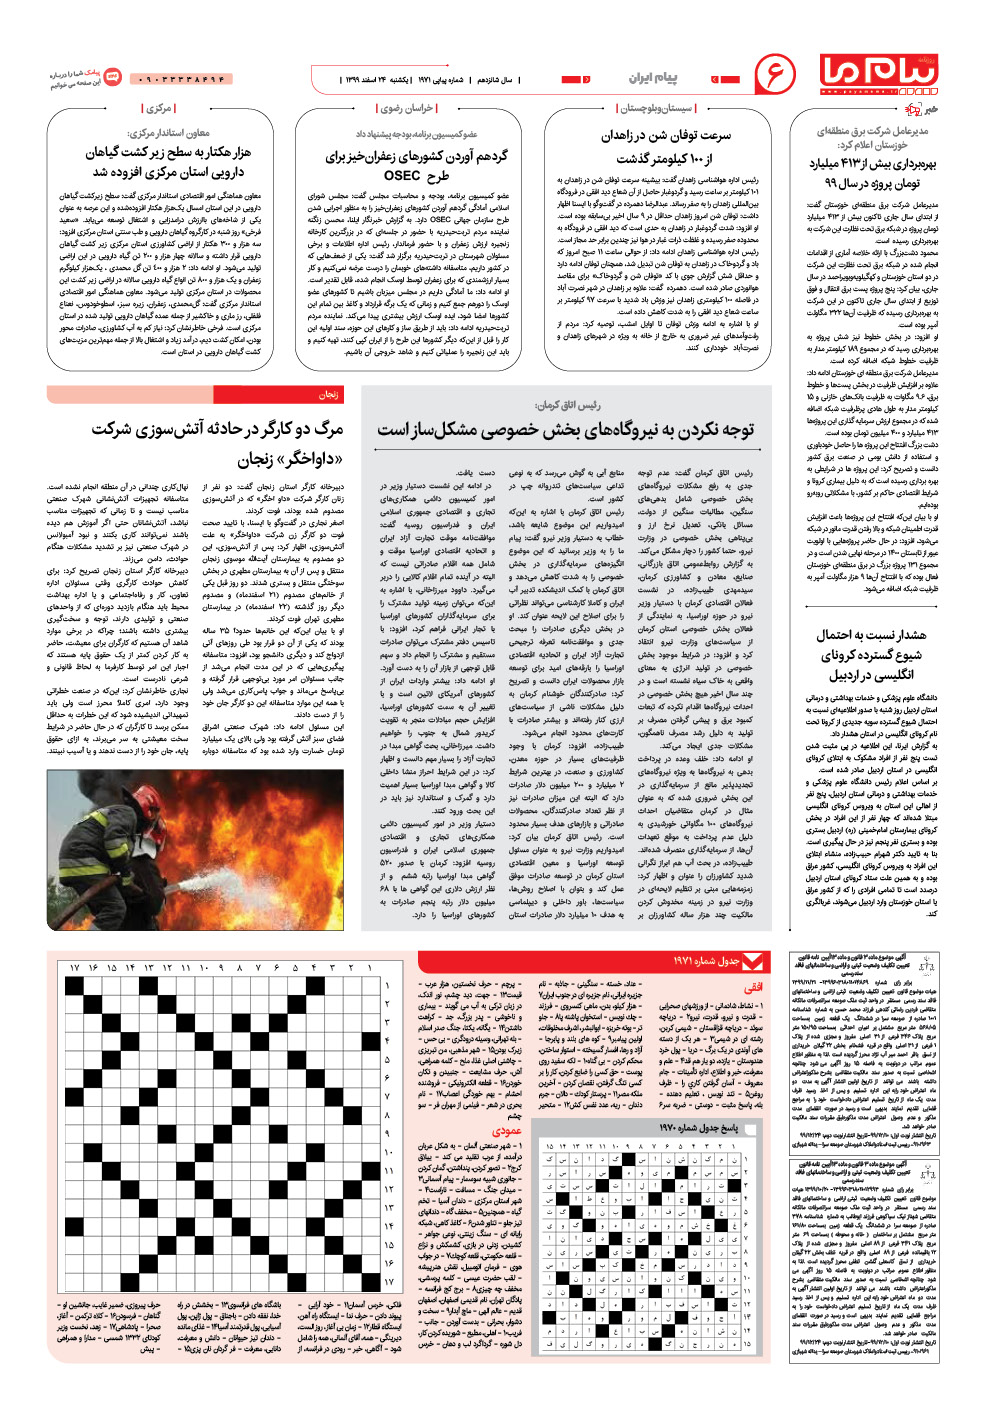 صفحه پیام ایران شماره ۱۹۷۱ روزنامه پیام ما